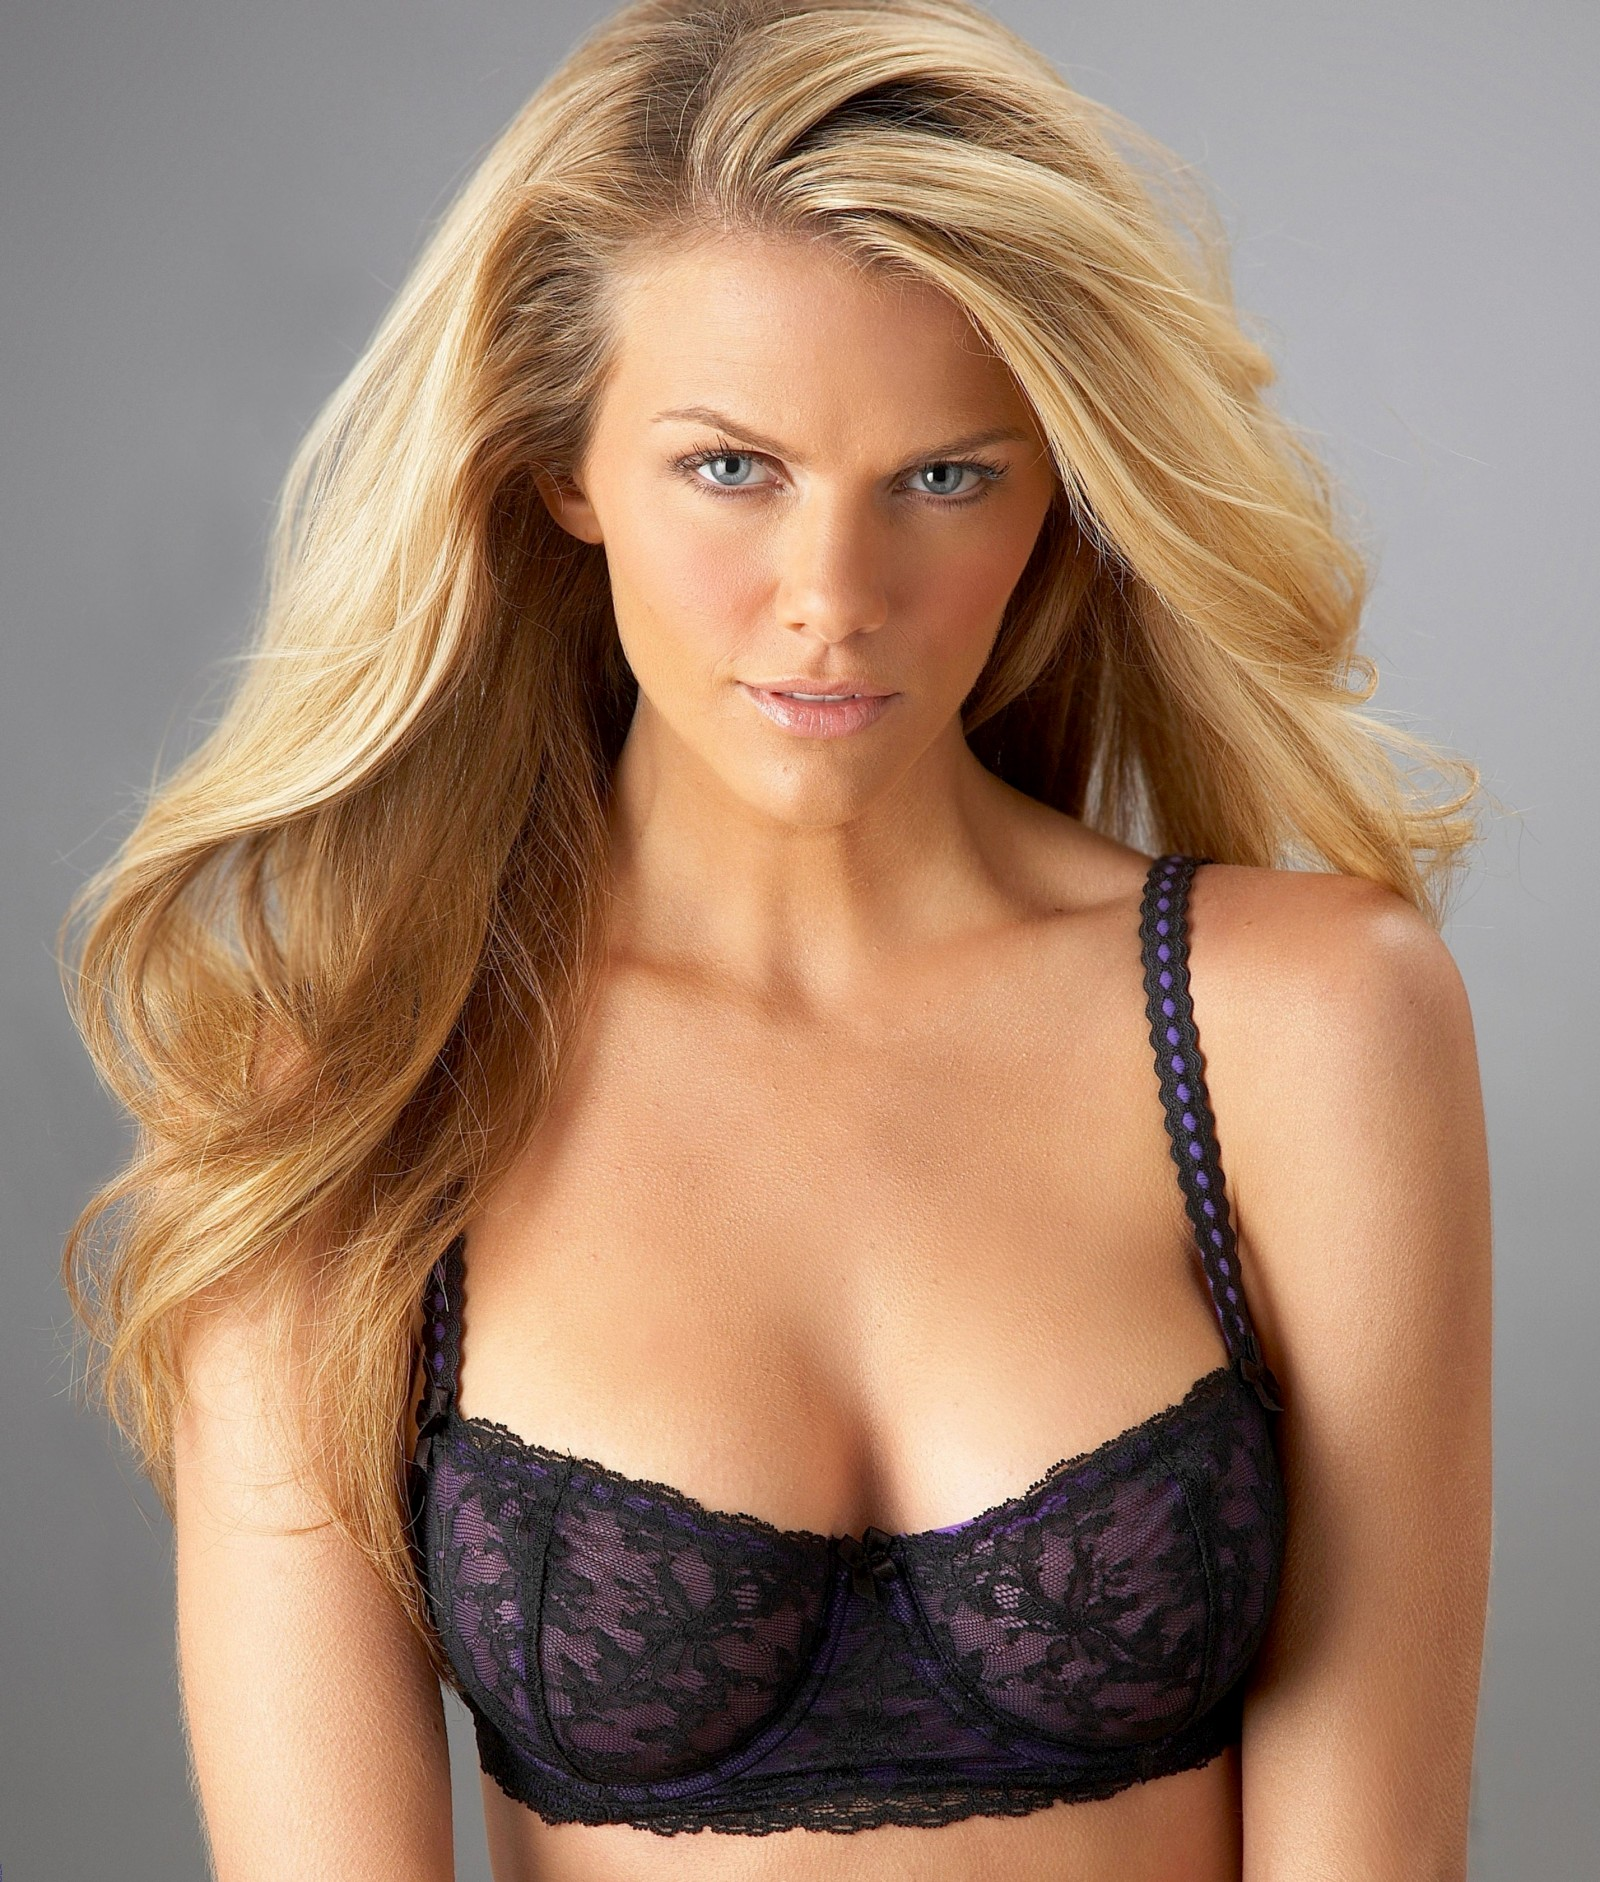 Brooklyn Decker, Model Pirang Blonde Yang Selalu Tampil Seksi